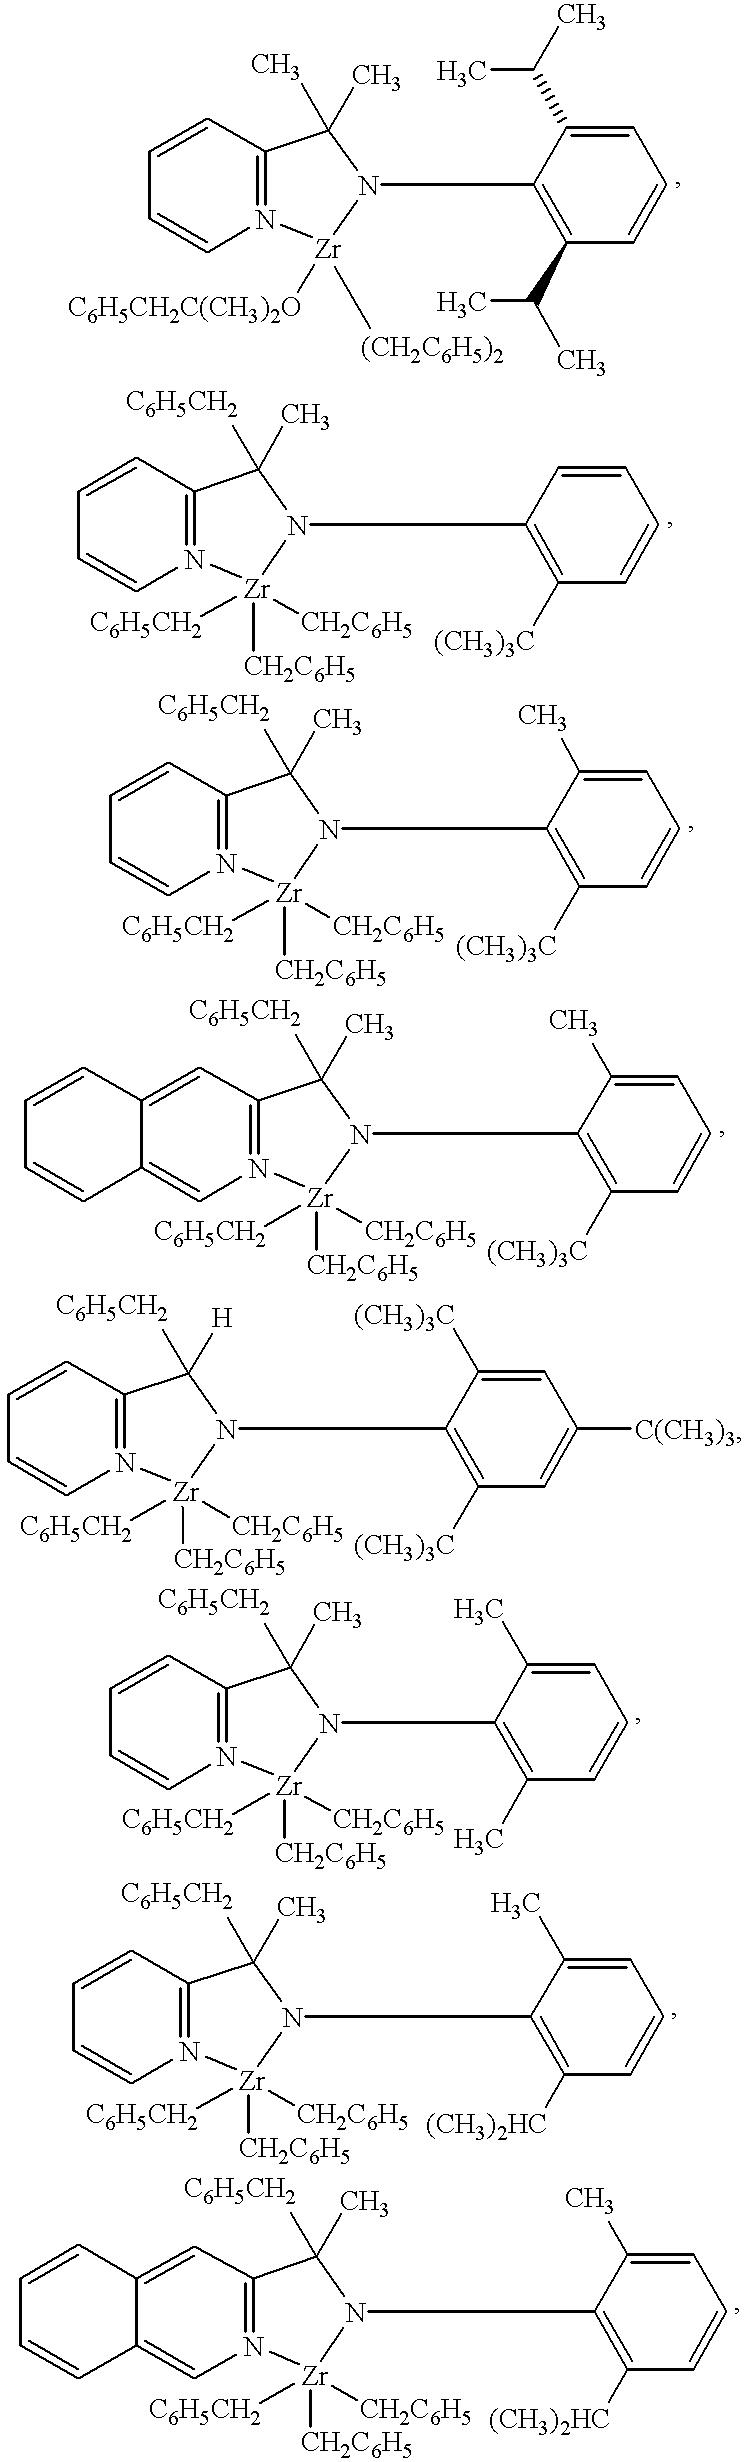 Figure US06320005-20011120-C00066